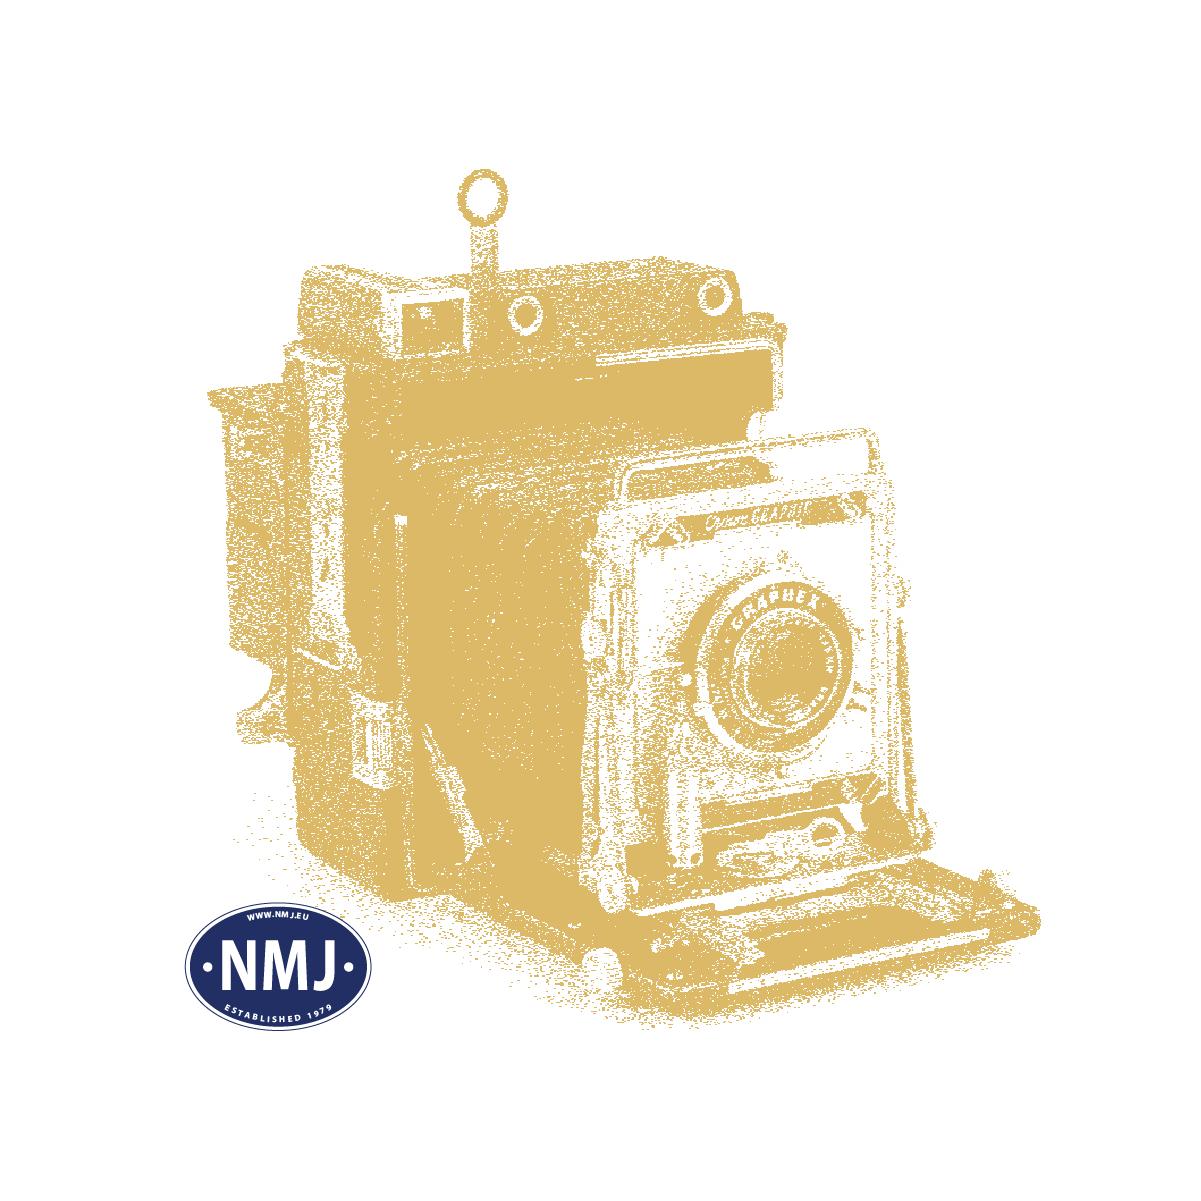 NMJ0G4-2 - NMJ Superline NSB G4 41309, Spor 0